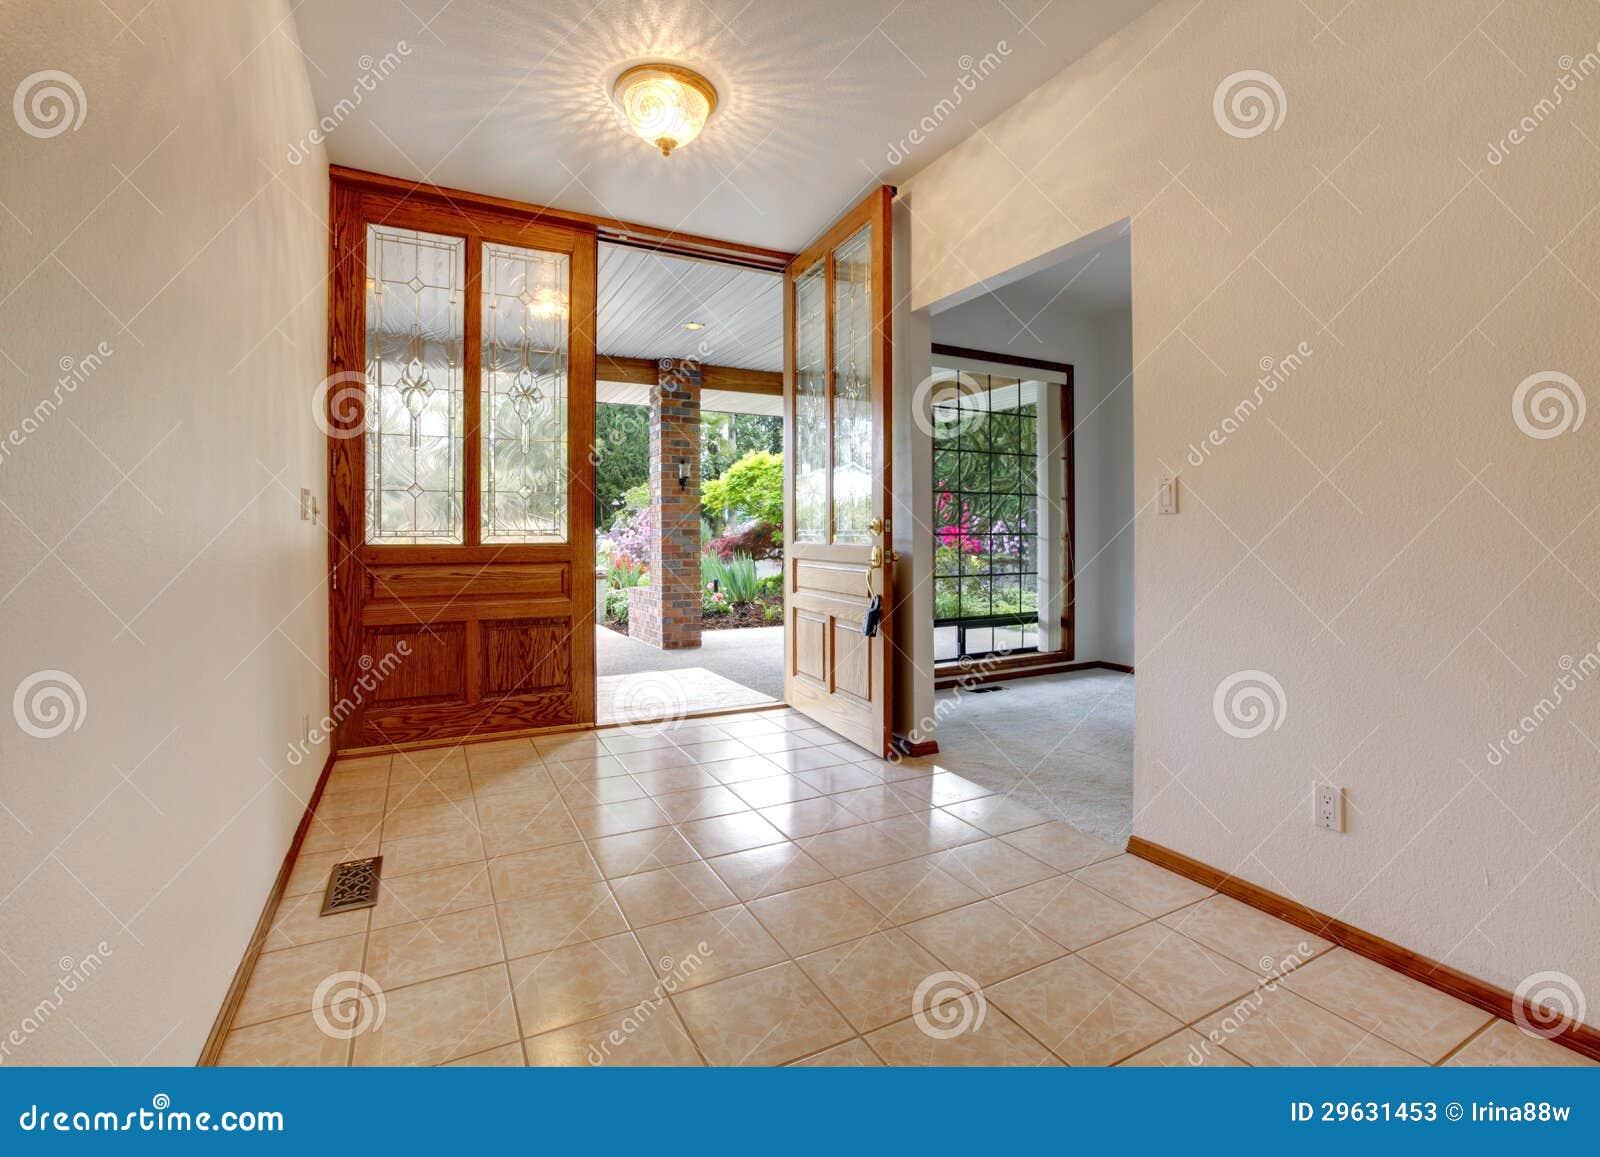 Entrée Avant Vide Avec La Porte Ouverte. Intérieur à La Maison ...